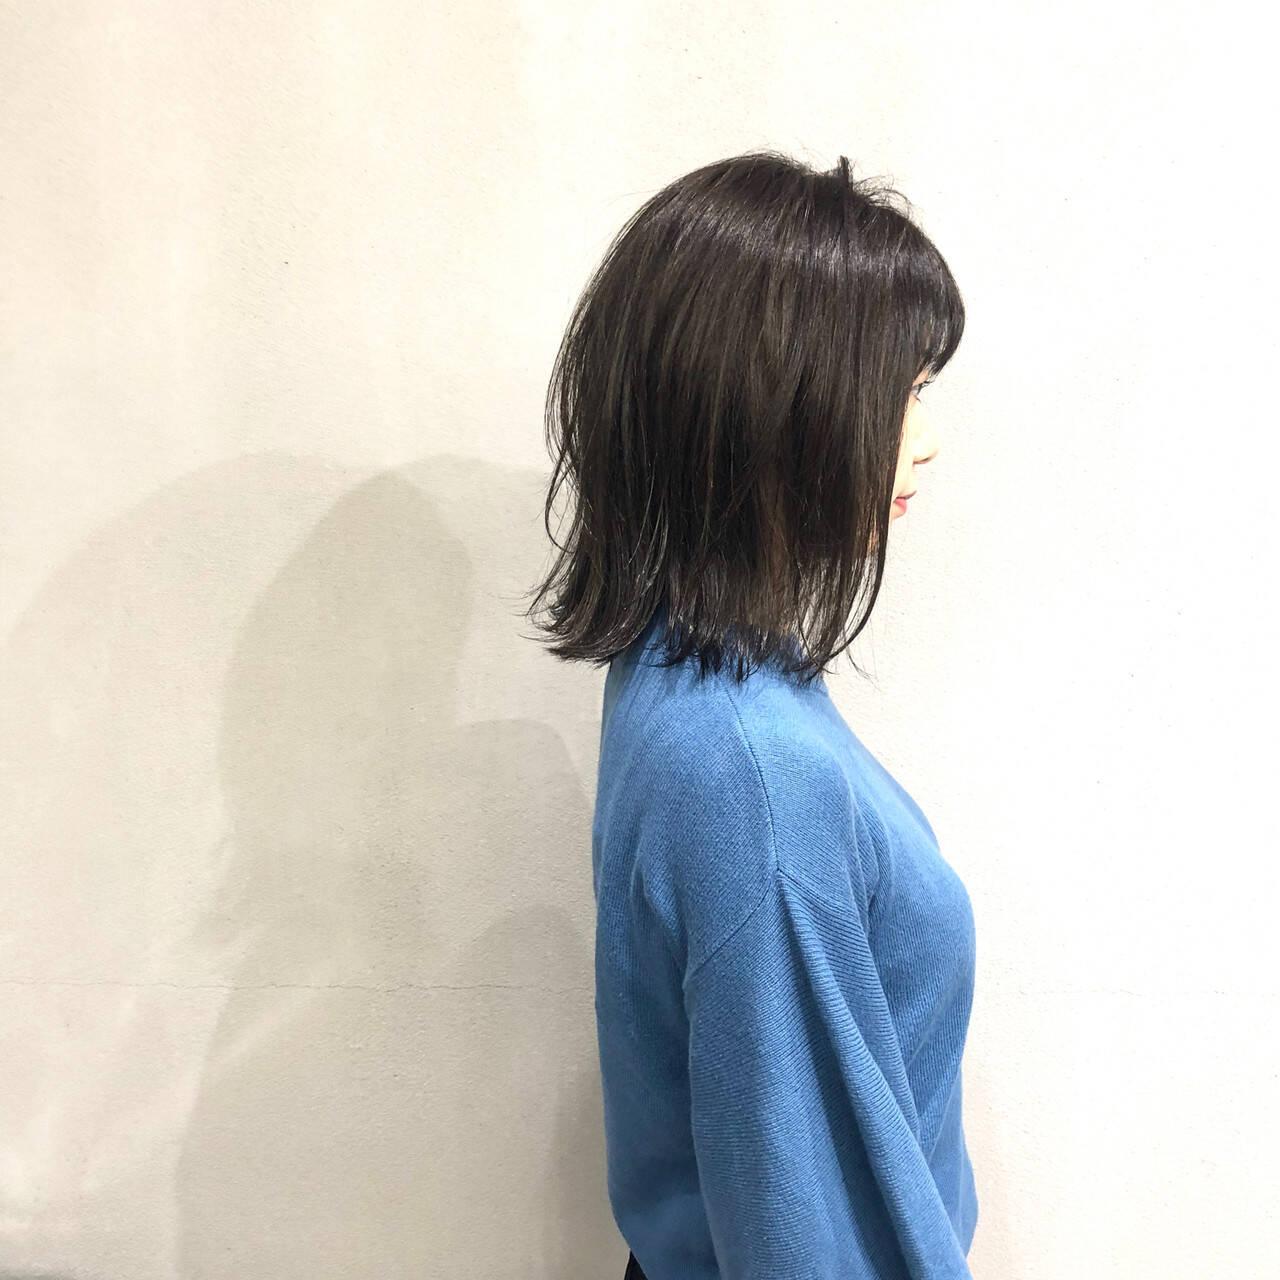 切りっぱなしボブ ボブ 簡単スタイリング イルミナカラーヘアスタイルや髪型の写真・画像